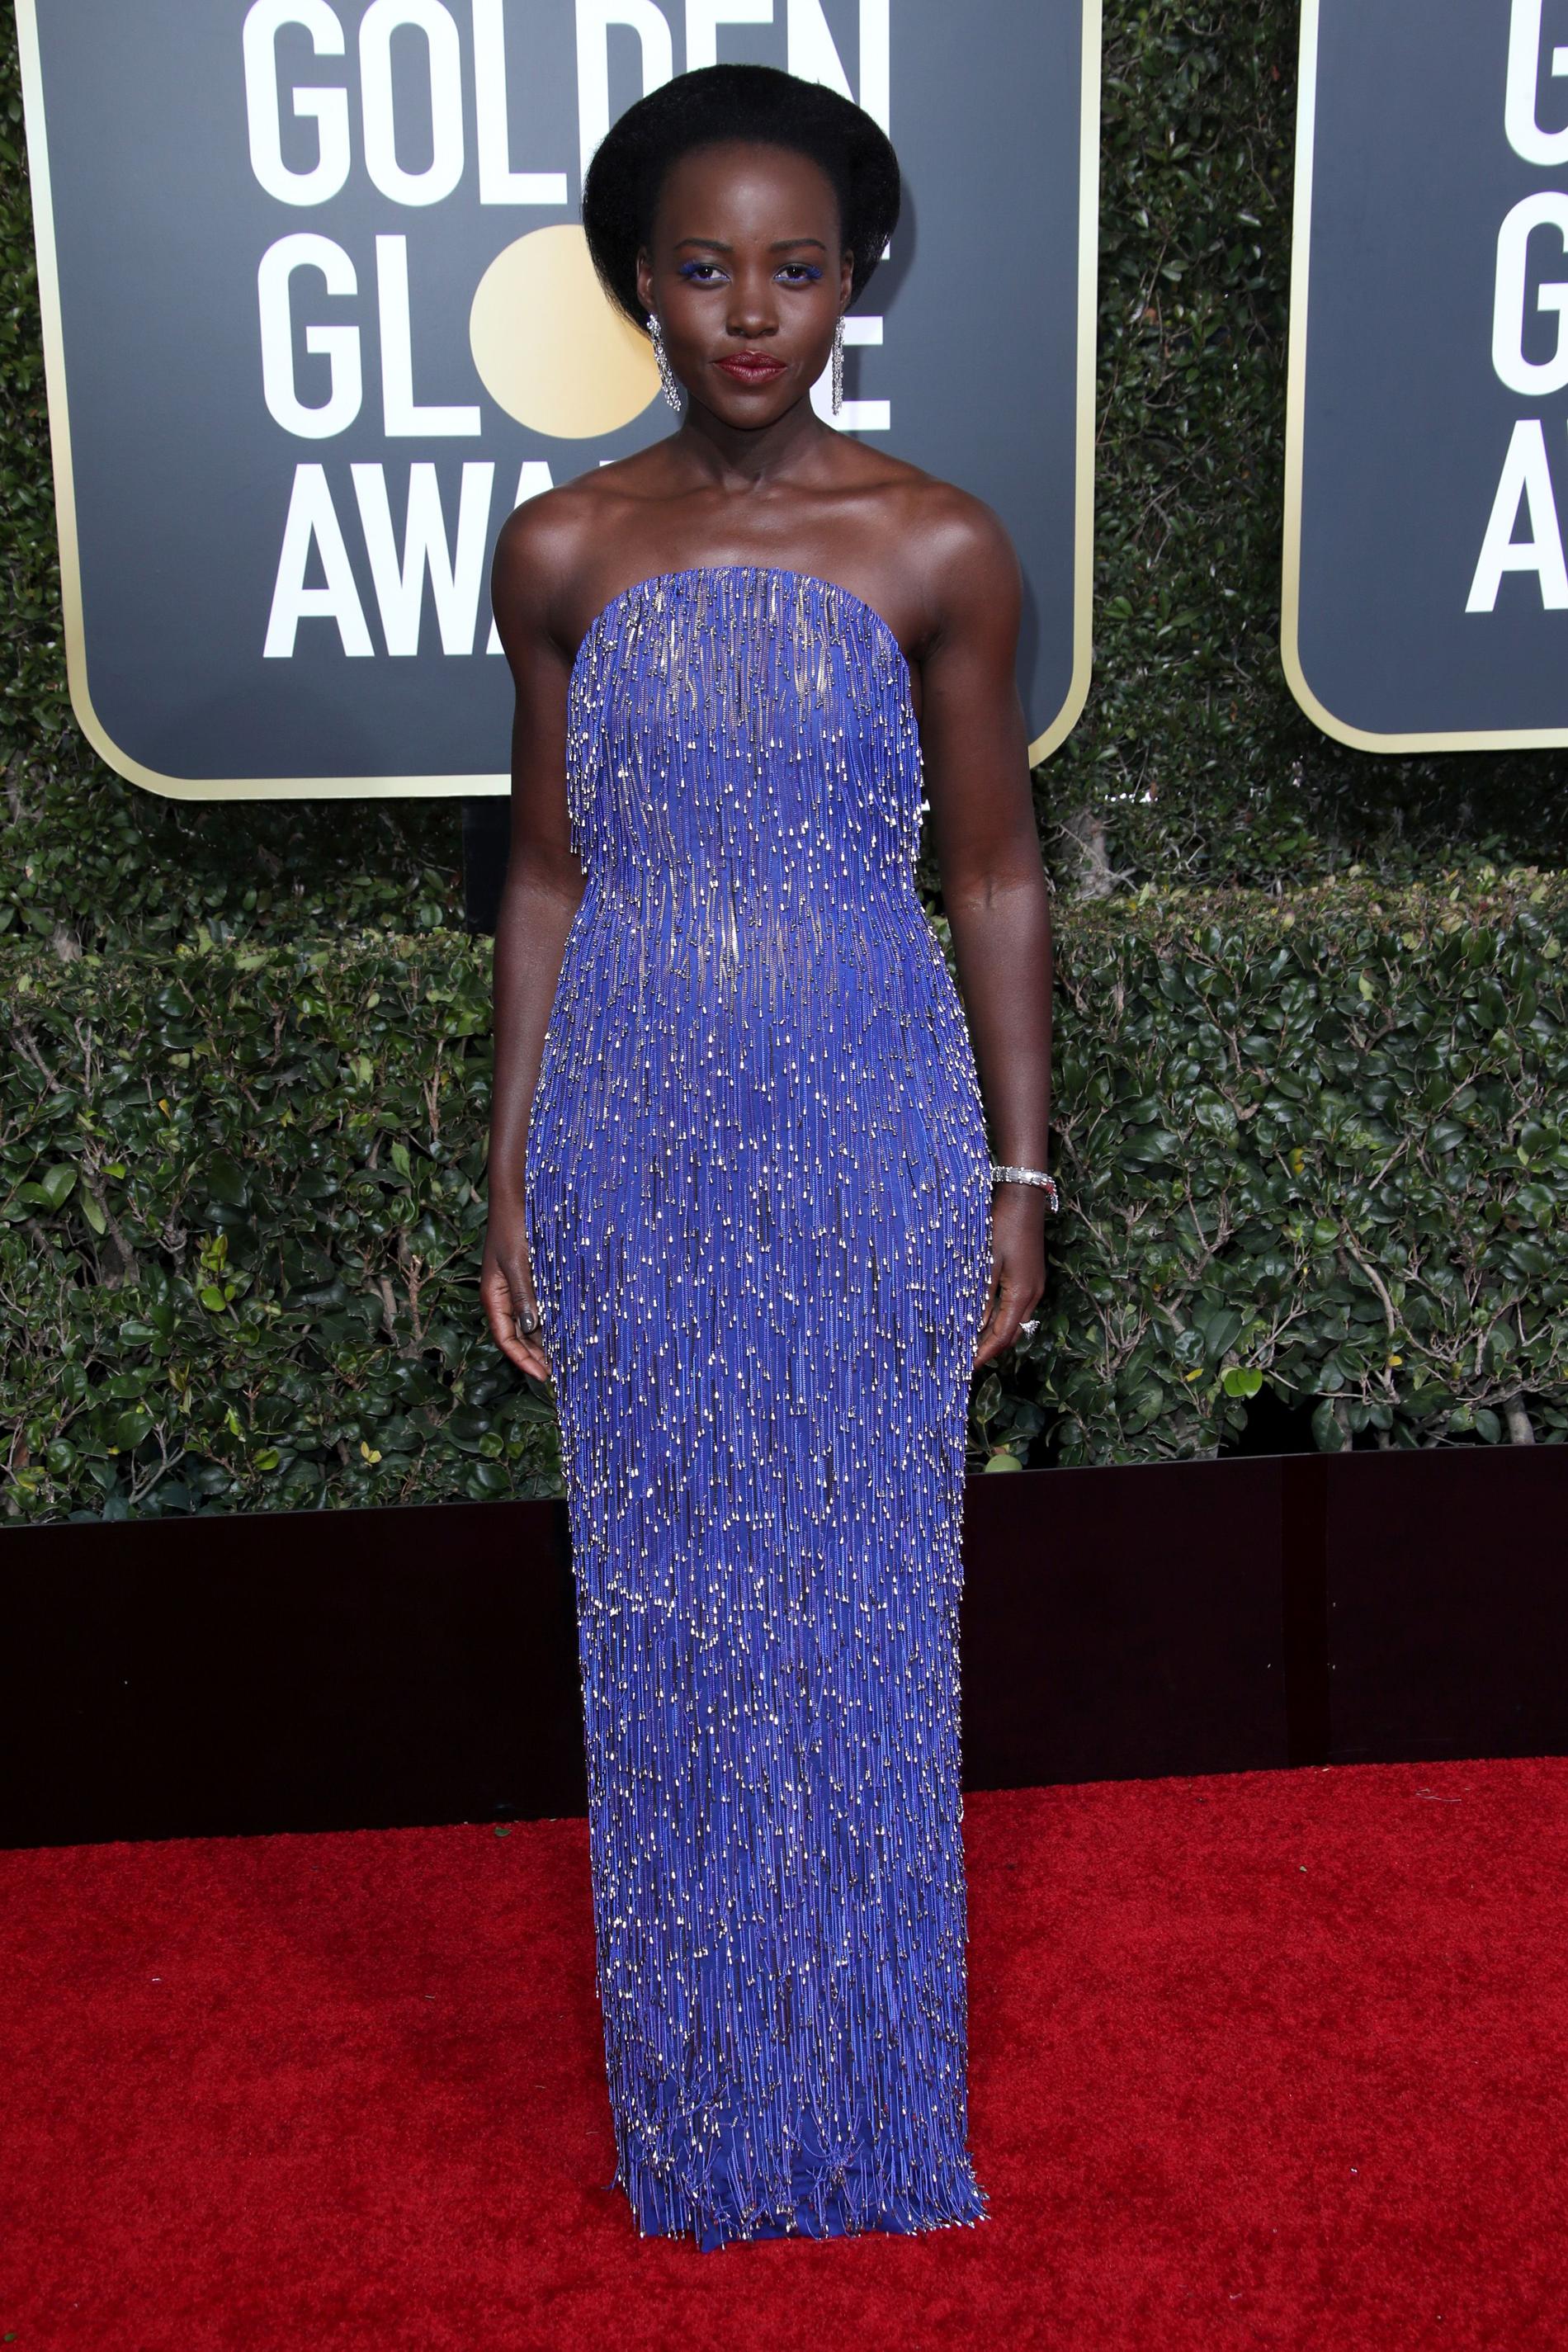 Lupita Nyong'o se lució con un vestido de Calvin Klein. CREDITO: E! ENTERTAINMENT